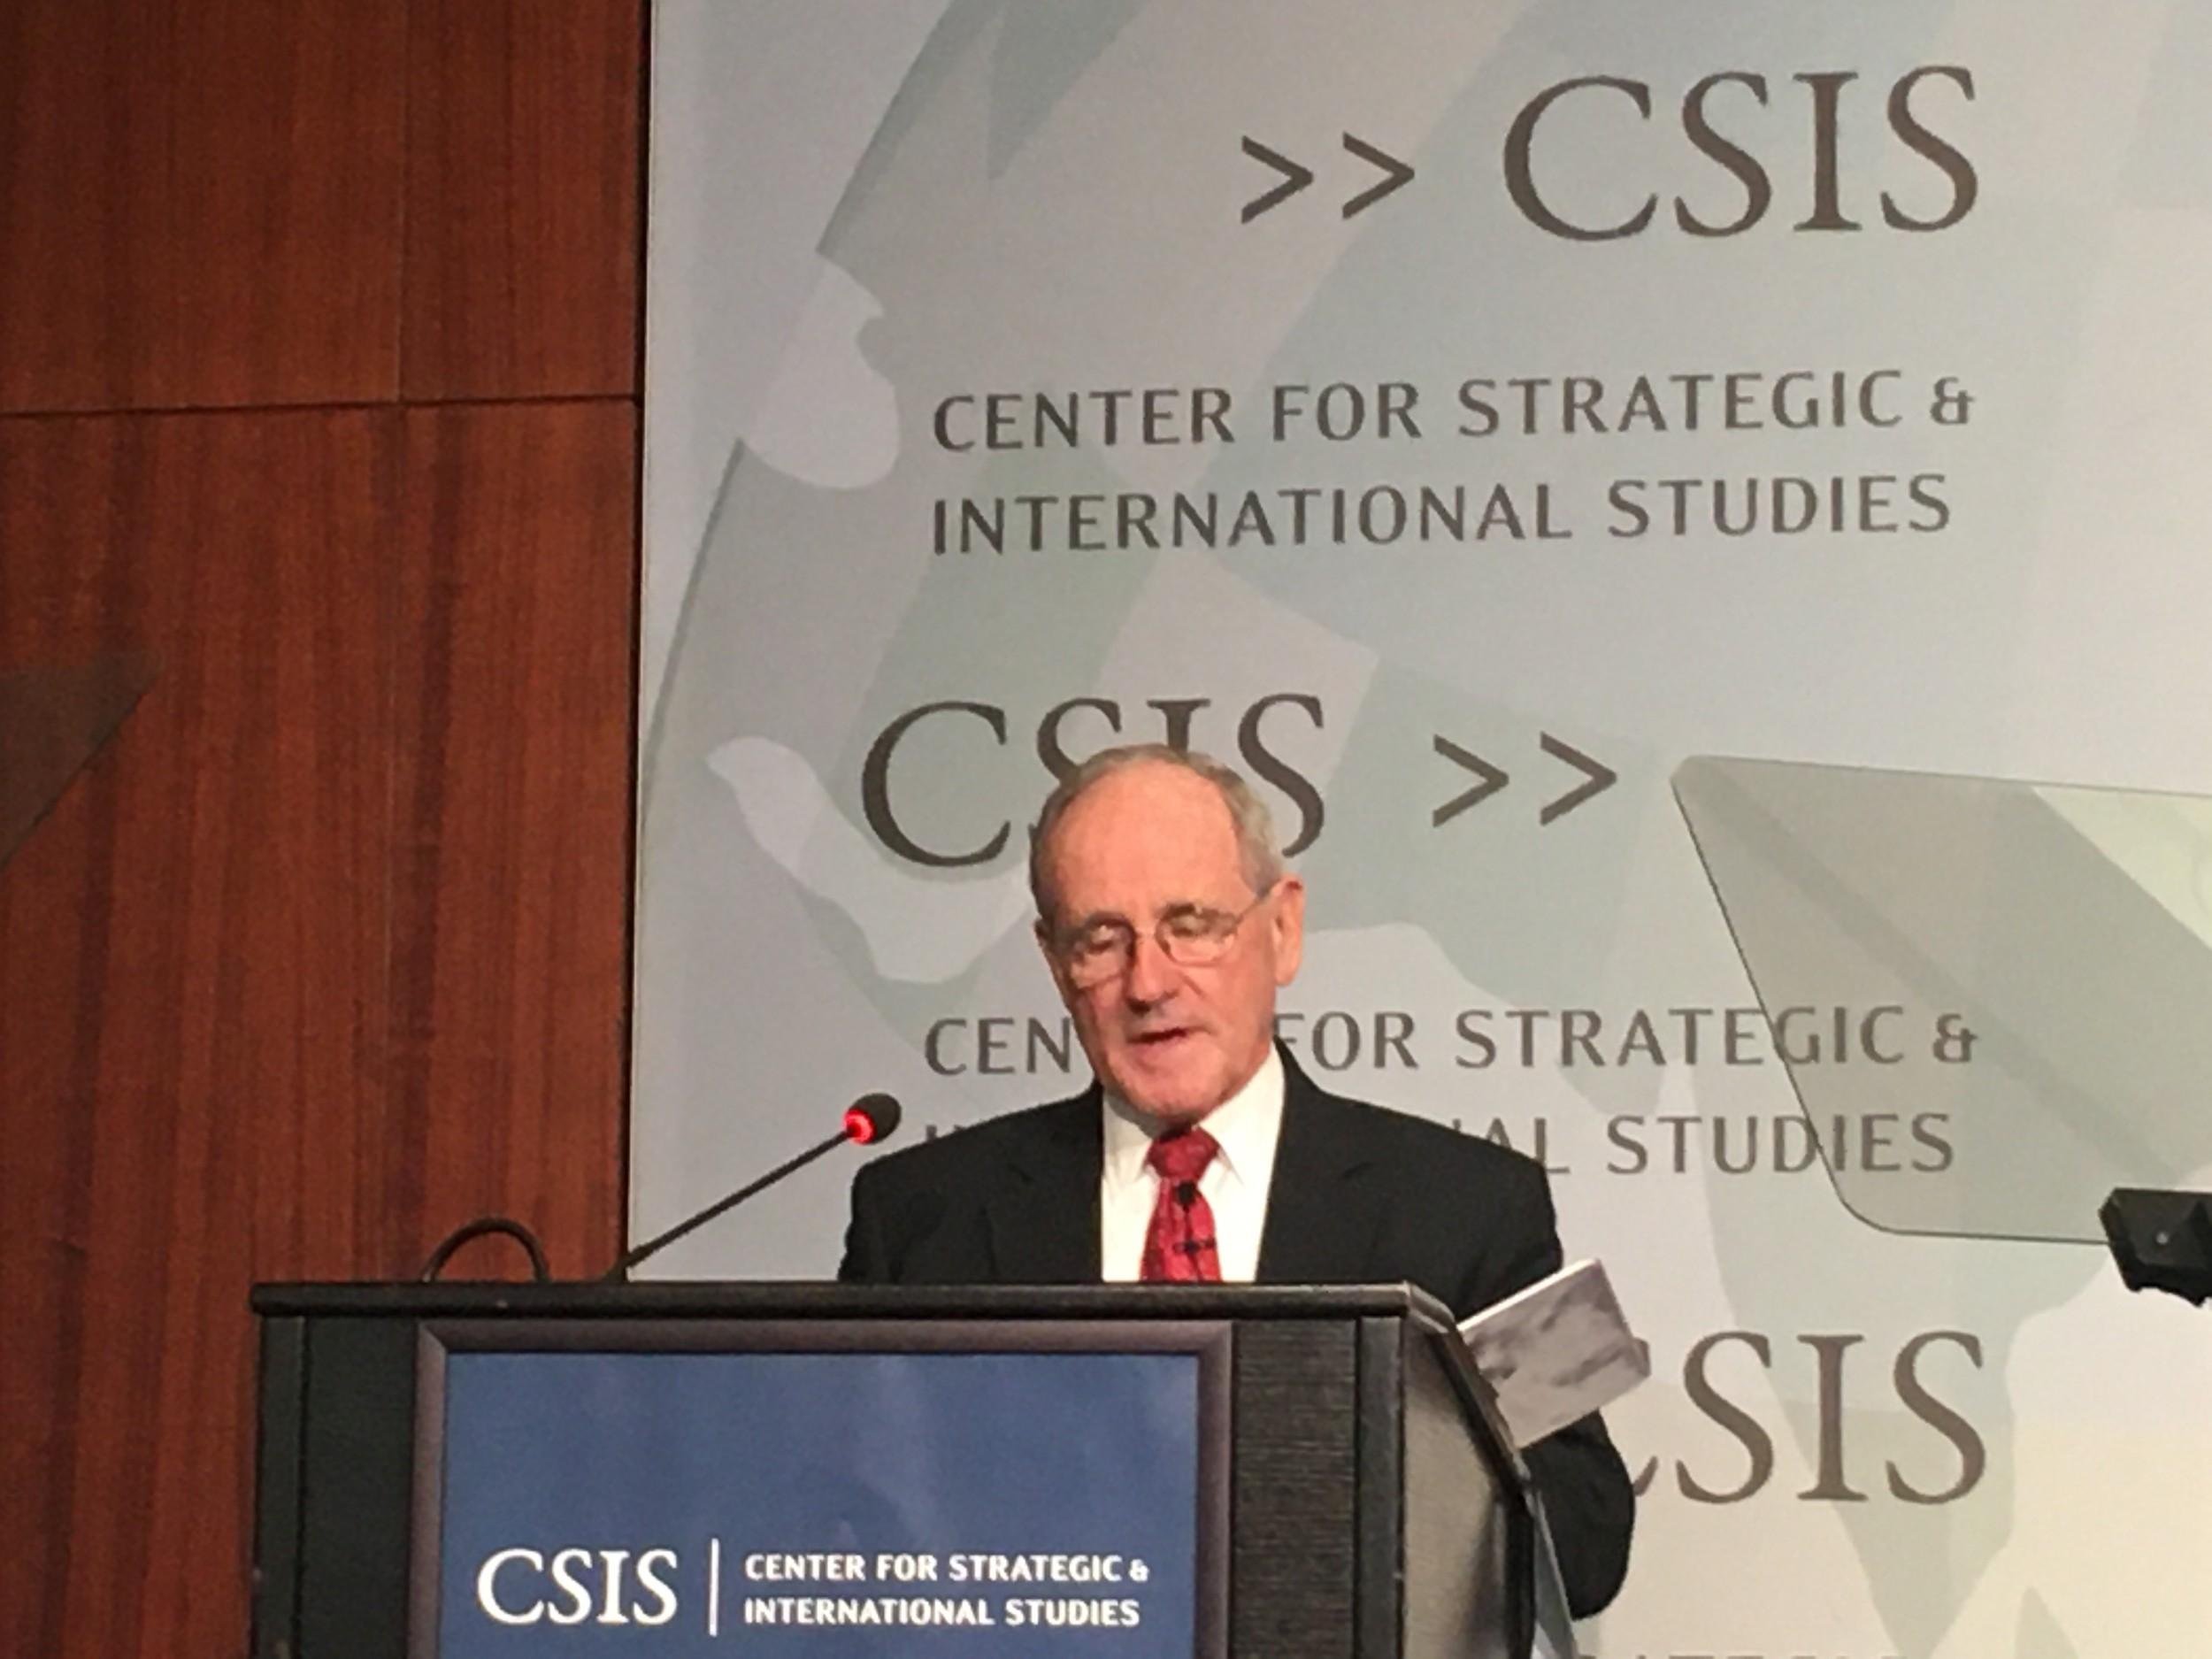 2019年11月12日,參議院外交關係委員會主席吉姆·里施(Jim Risch)在華盛頓戰略和國際研究中心(CSIS)發表關於美歐雙方共同應對中國挑戰的演說。(薛小山攝影)